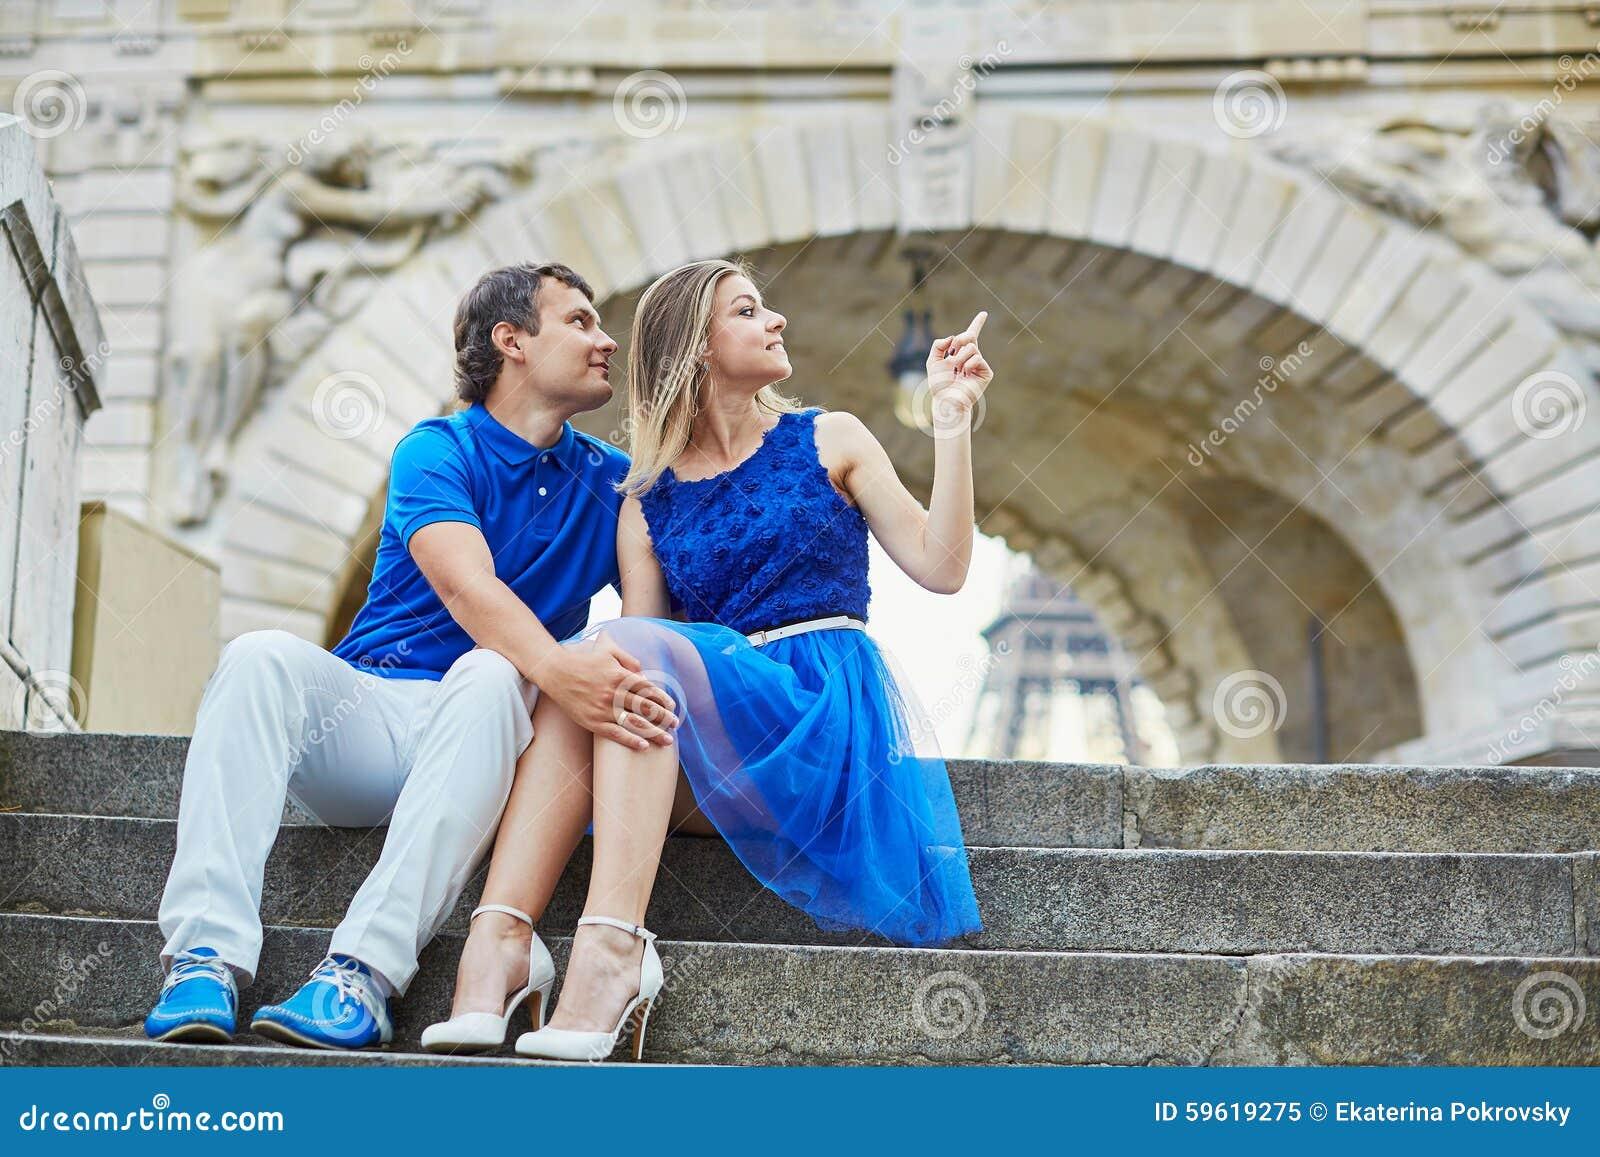 Dating in paris